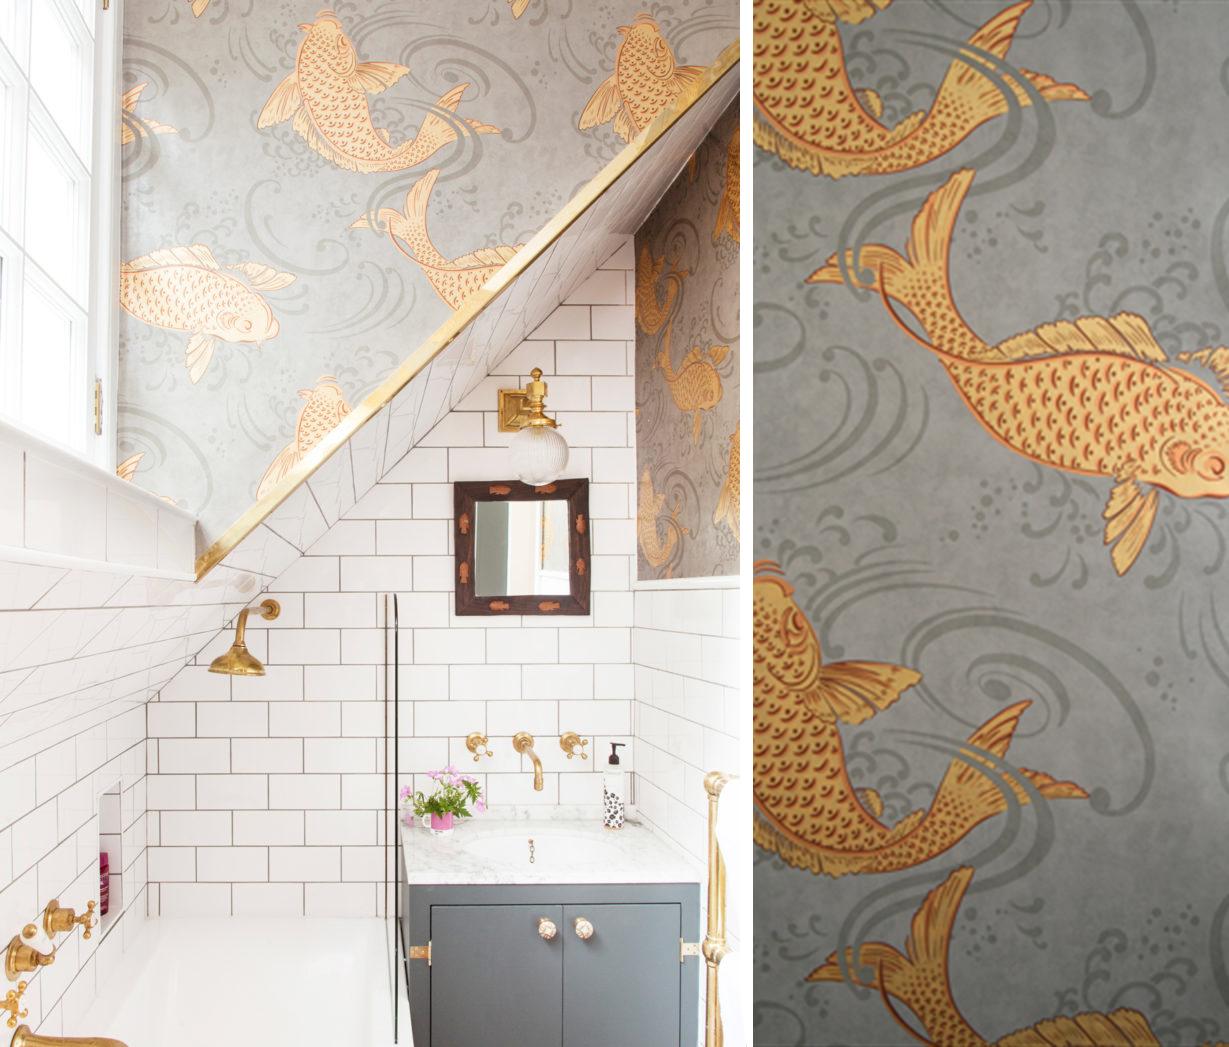 Papier Salle De Bain salle de bain papier peint - océan - analiadeco